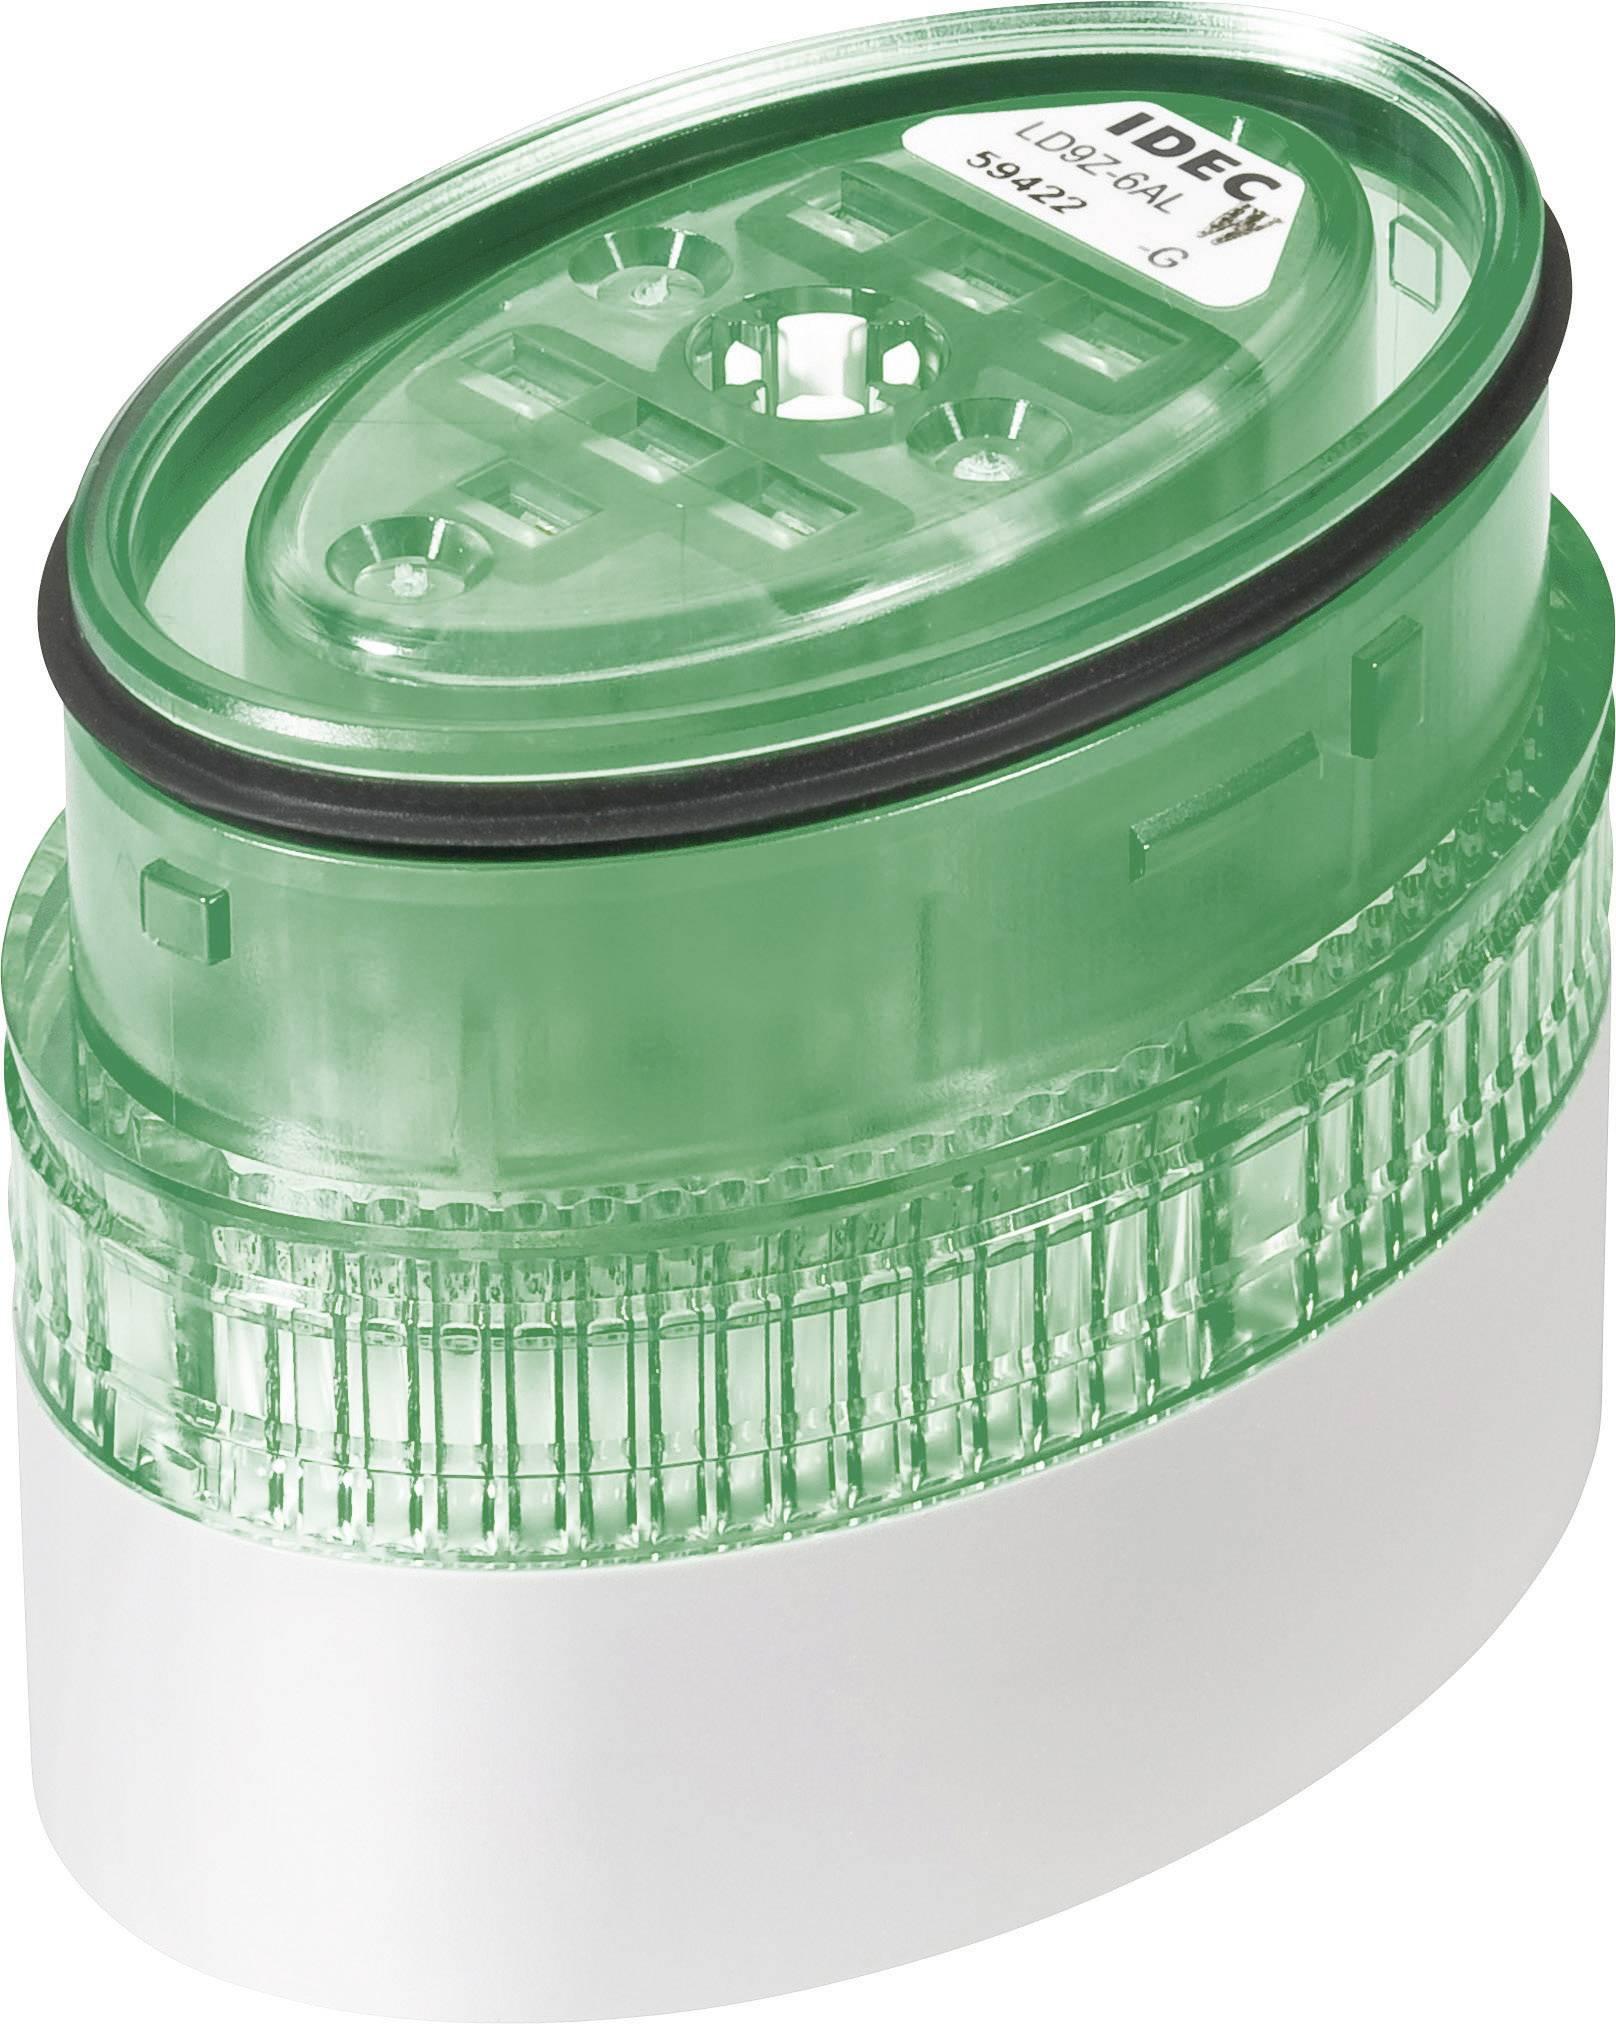 LED signalizace Idec LD6A (LD9Z-6ALW-G), IP65, Ø 40 x 60 mm, zelená